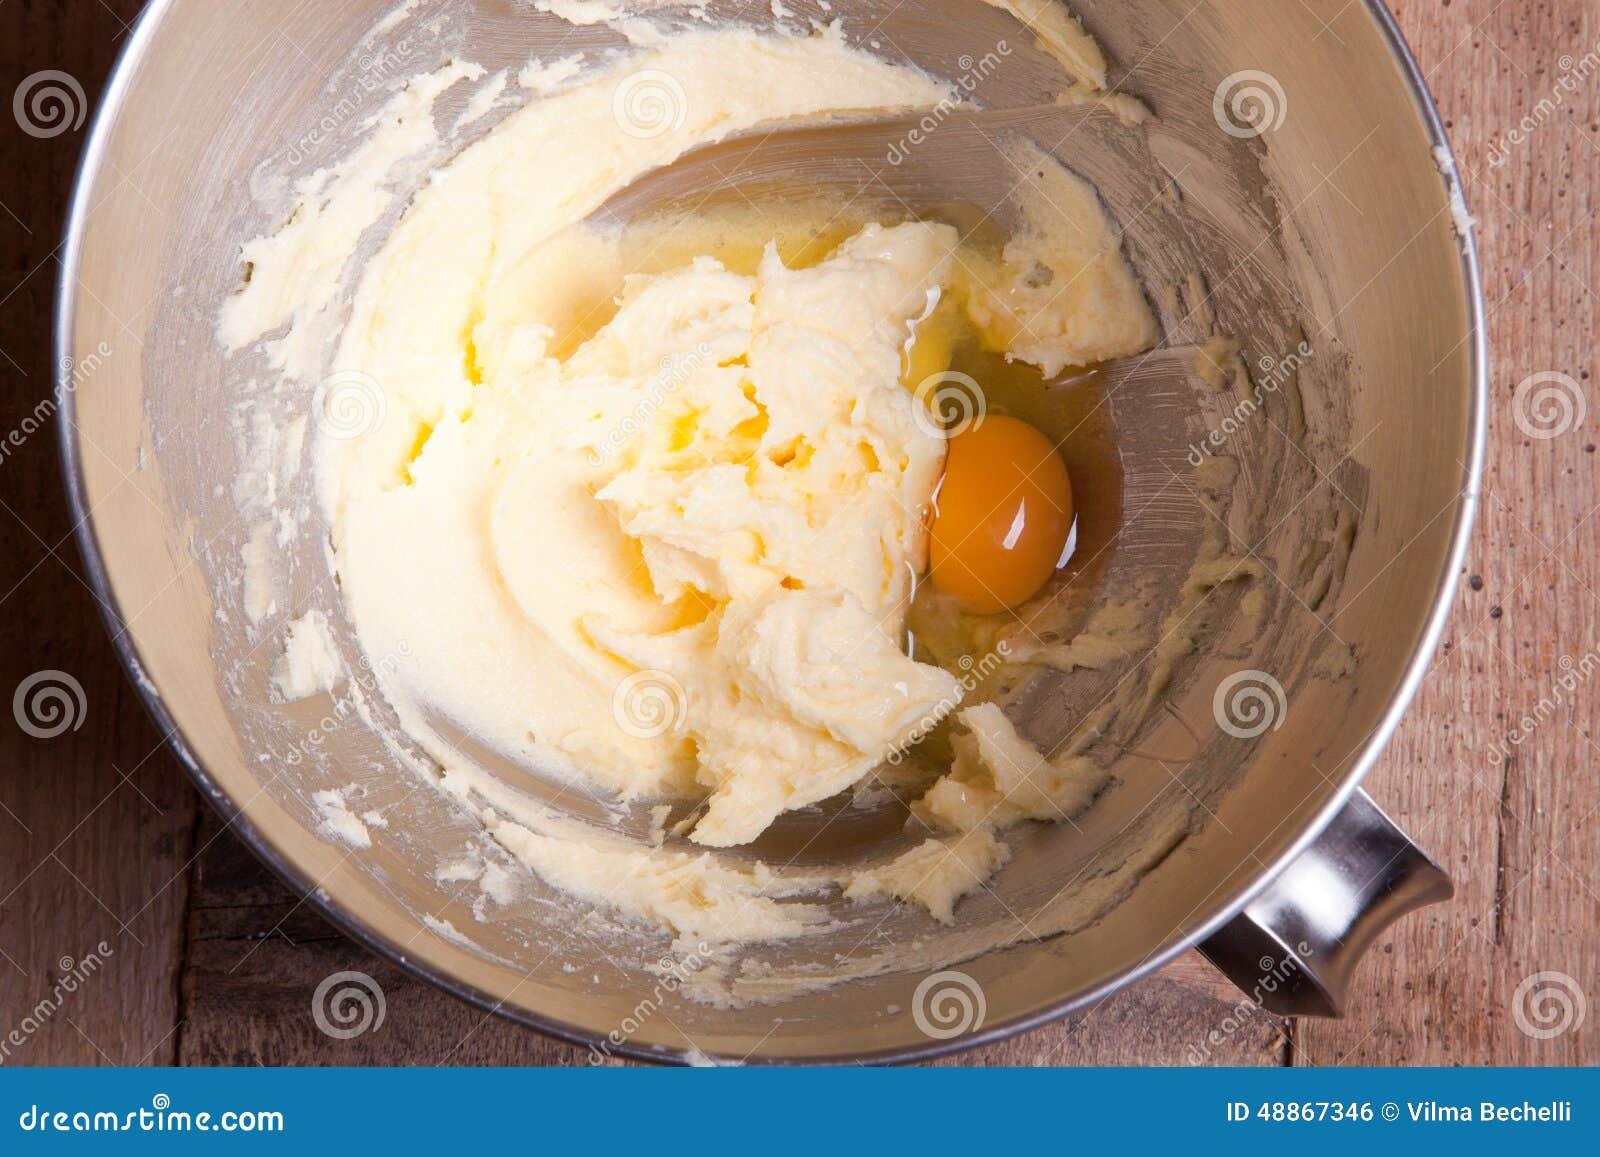 Ajouter l 39 oeuf au beurre m lang avec du sucre photo stock for Chambre de sucre gourmet artisanal sugars